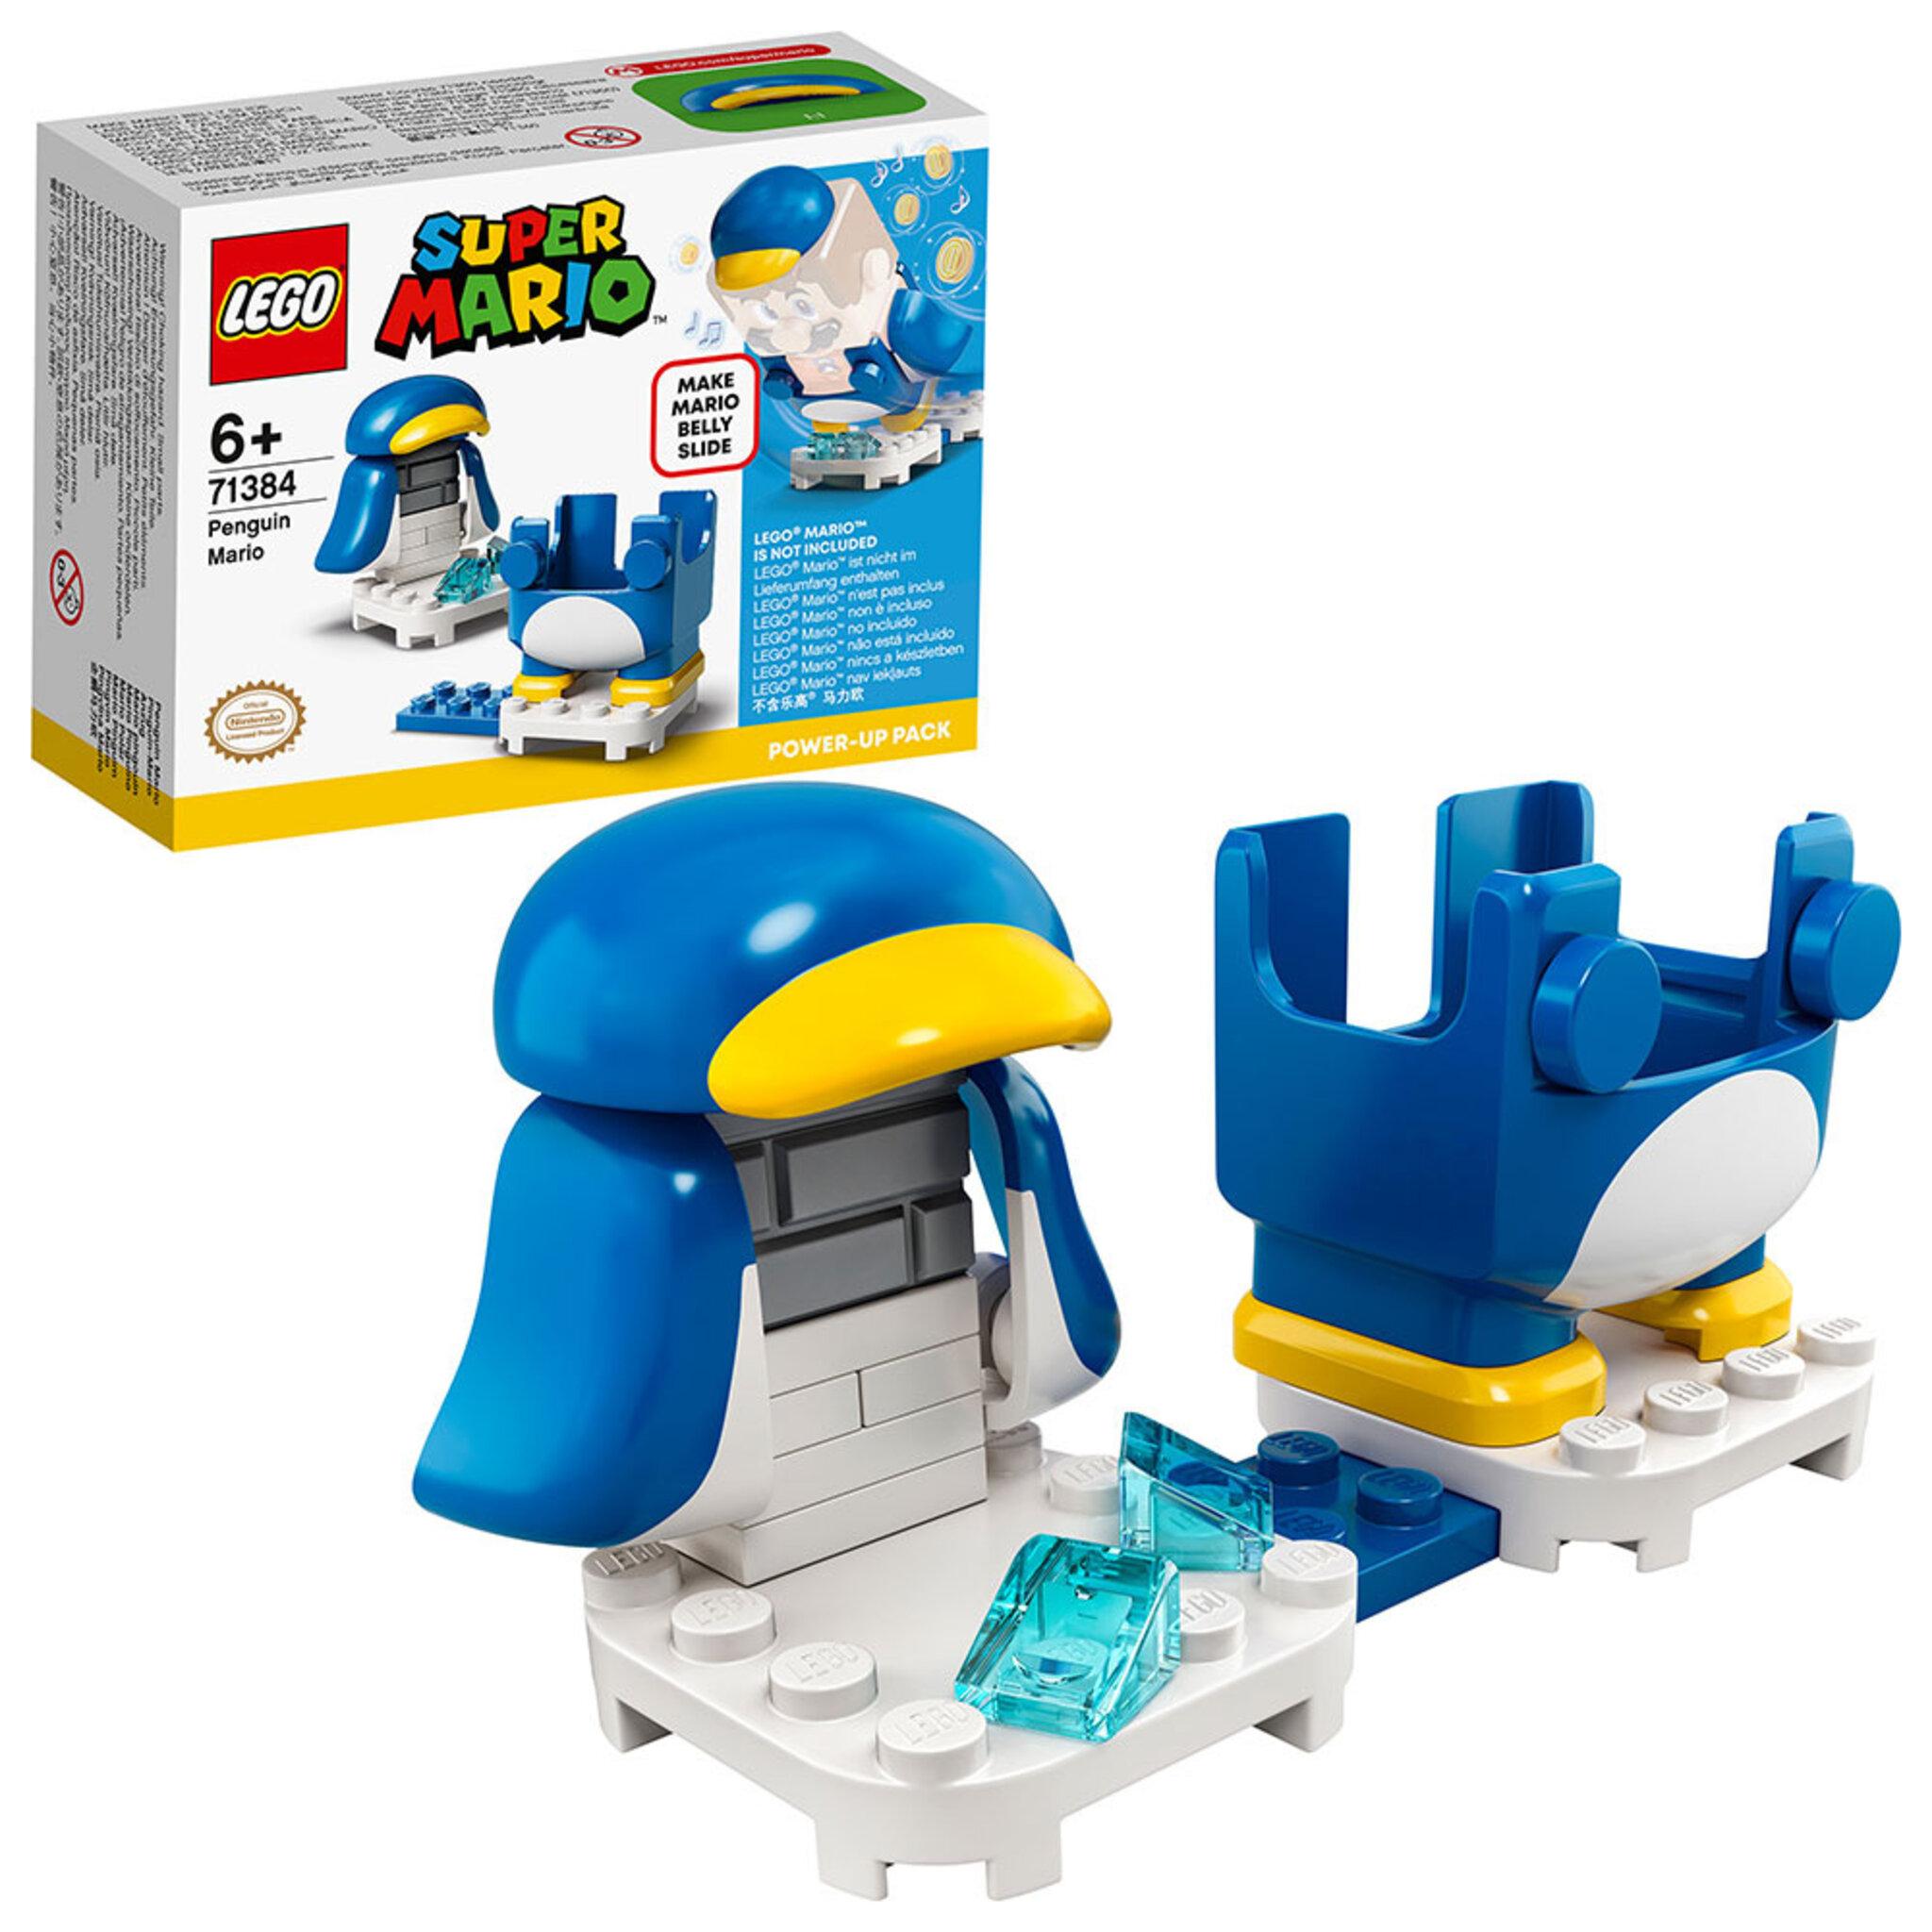 71384 Super Mario Penguin Mario – Boostpaket